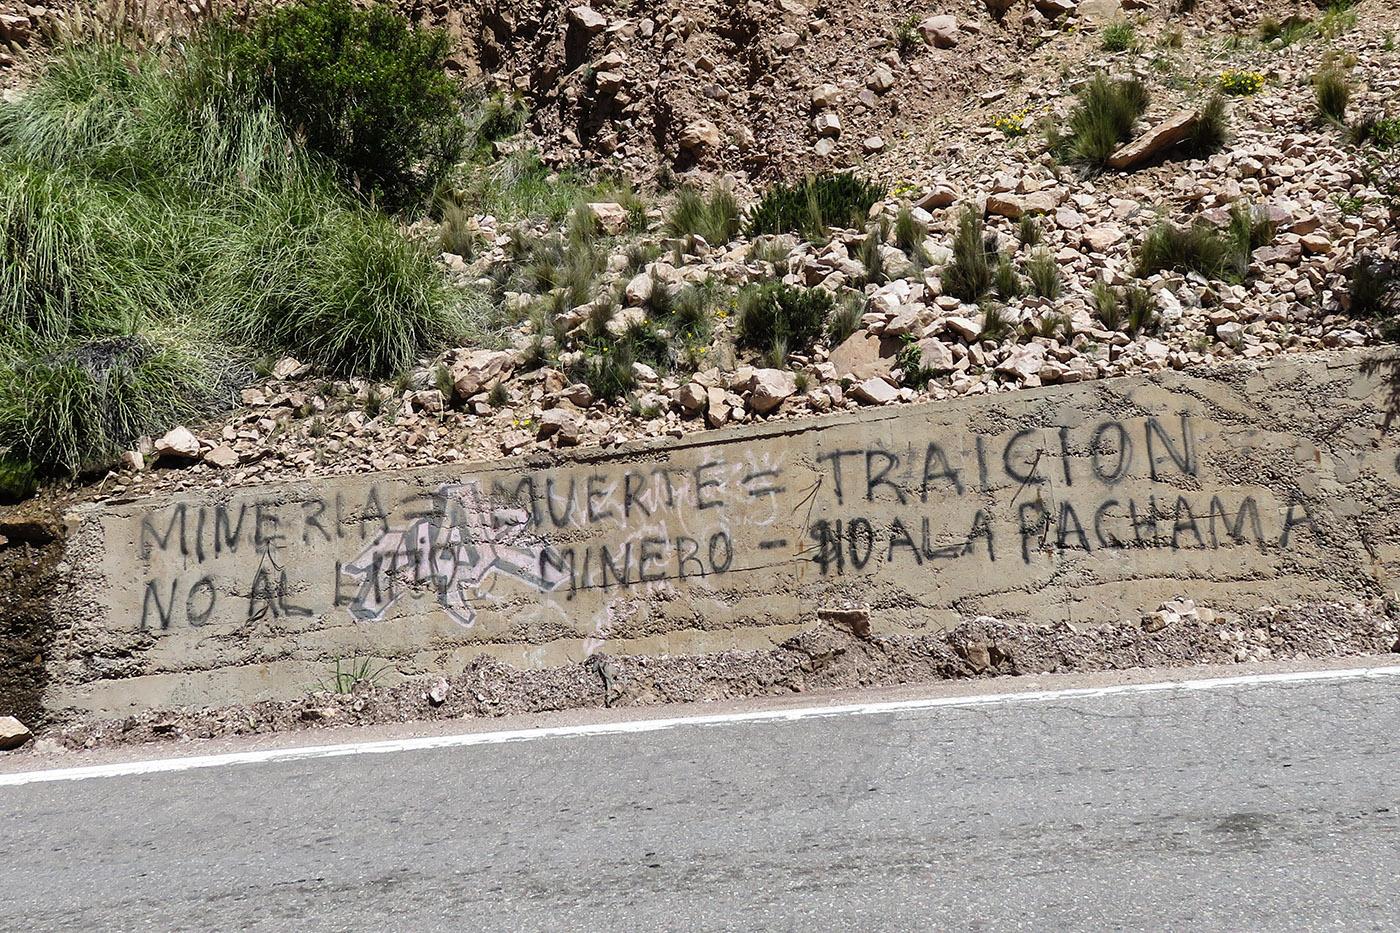 Un tag «Mine = mort = trahison, non au lithium. Non à la Pachamama» sur la très empruntée route 52, qui relie la capitale de la province, San Salvador, au port d'Antofagasta au Chili. Le «Non» a été rajouté sur un «Oui». Sur le seul axe asphalté de la Puna, les camions de marchandises côtoient les touristes et les bus locaux.  (photo Augustin Campos/8e étage)